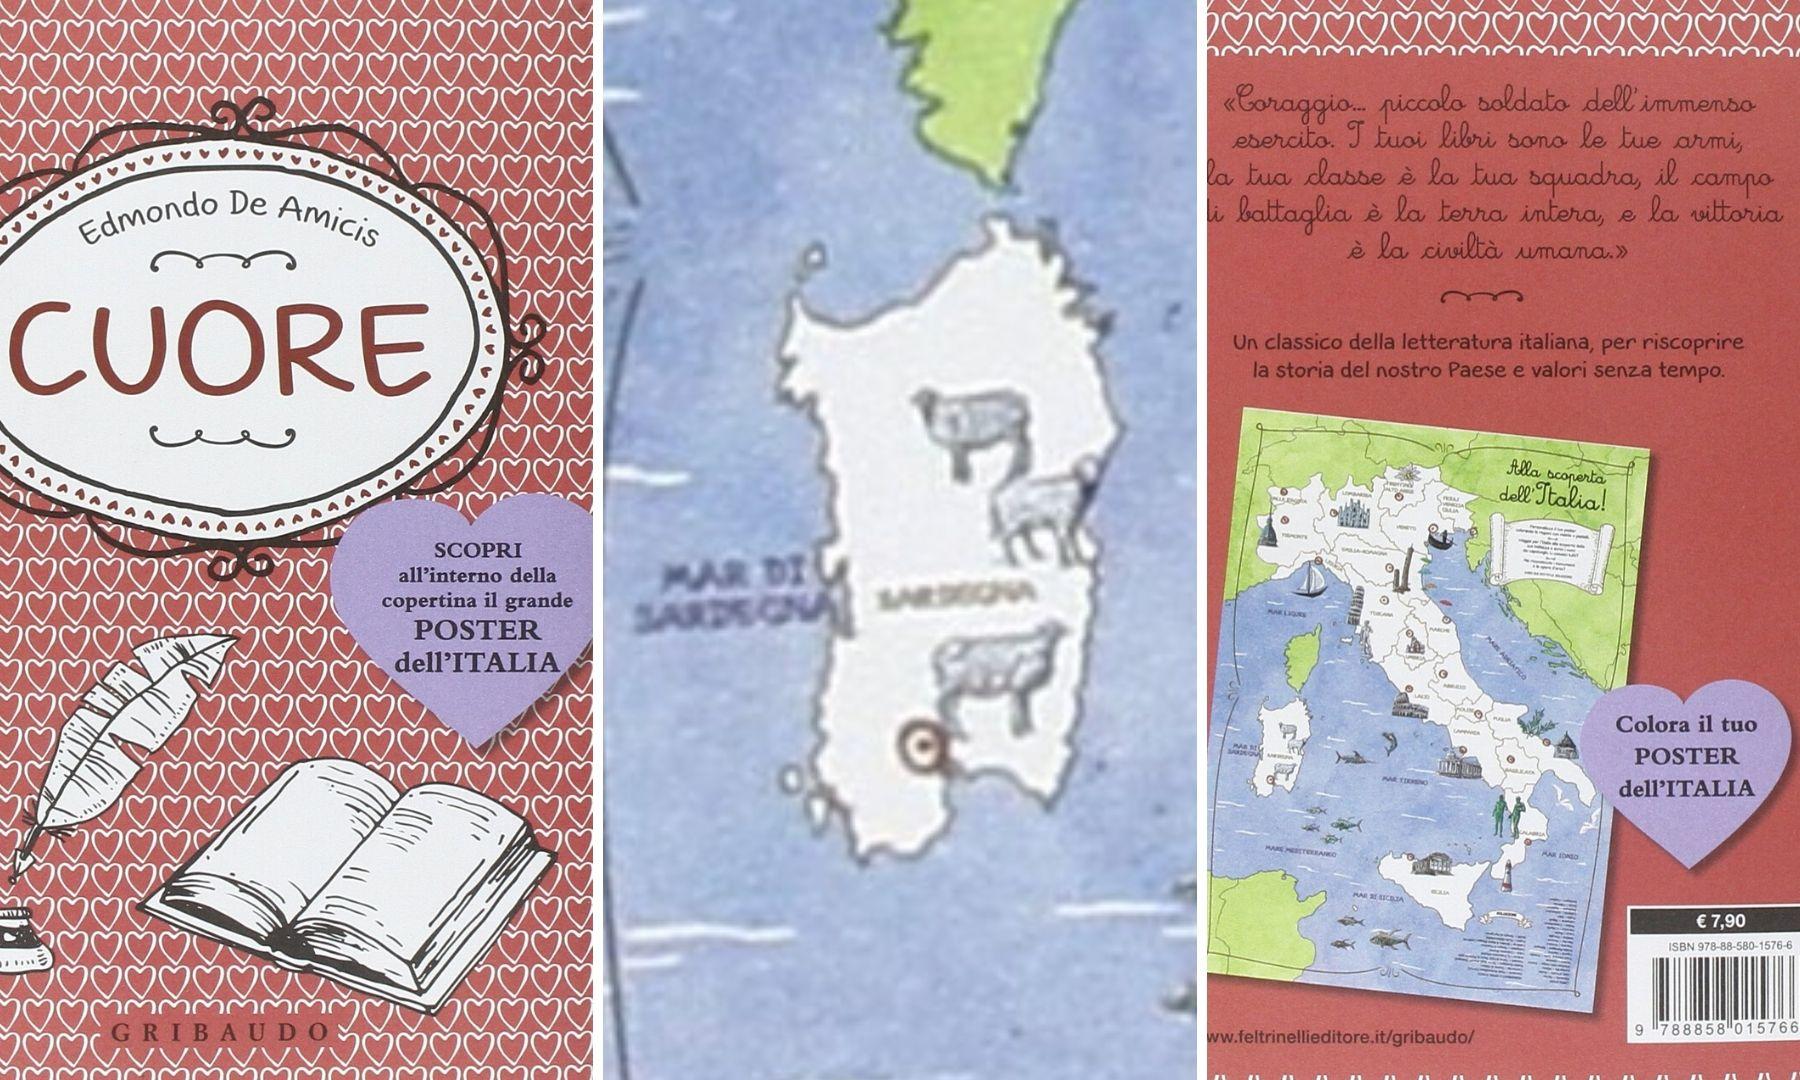 Cartina Sardegna Per Bambini.Tre Pecorelle Come Simbolo Dell Isola Polemiche Su Una Cartina Per I Bambini Sardiniapost It